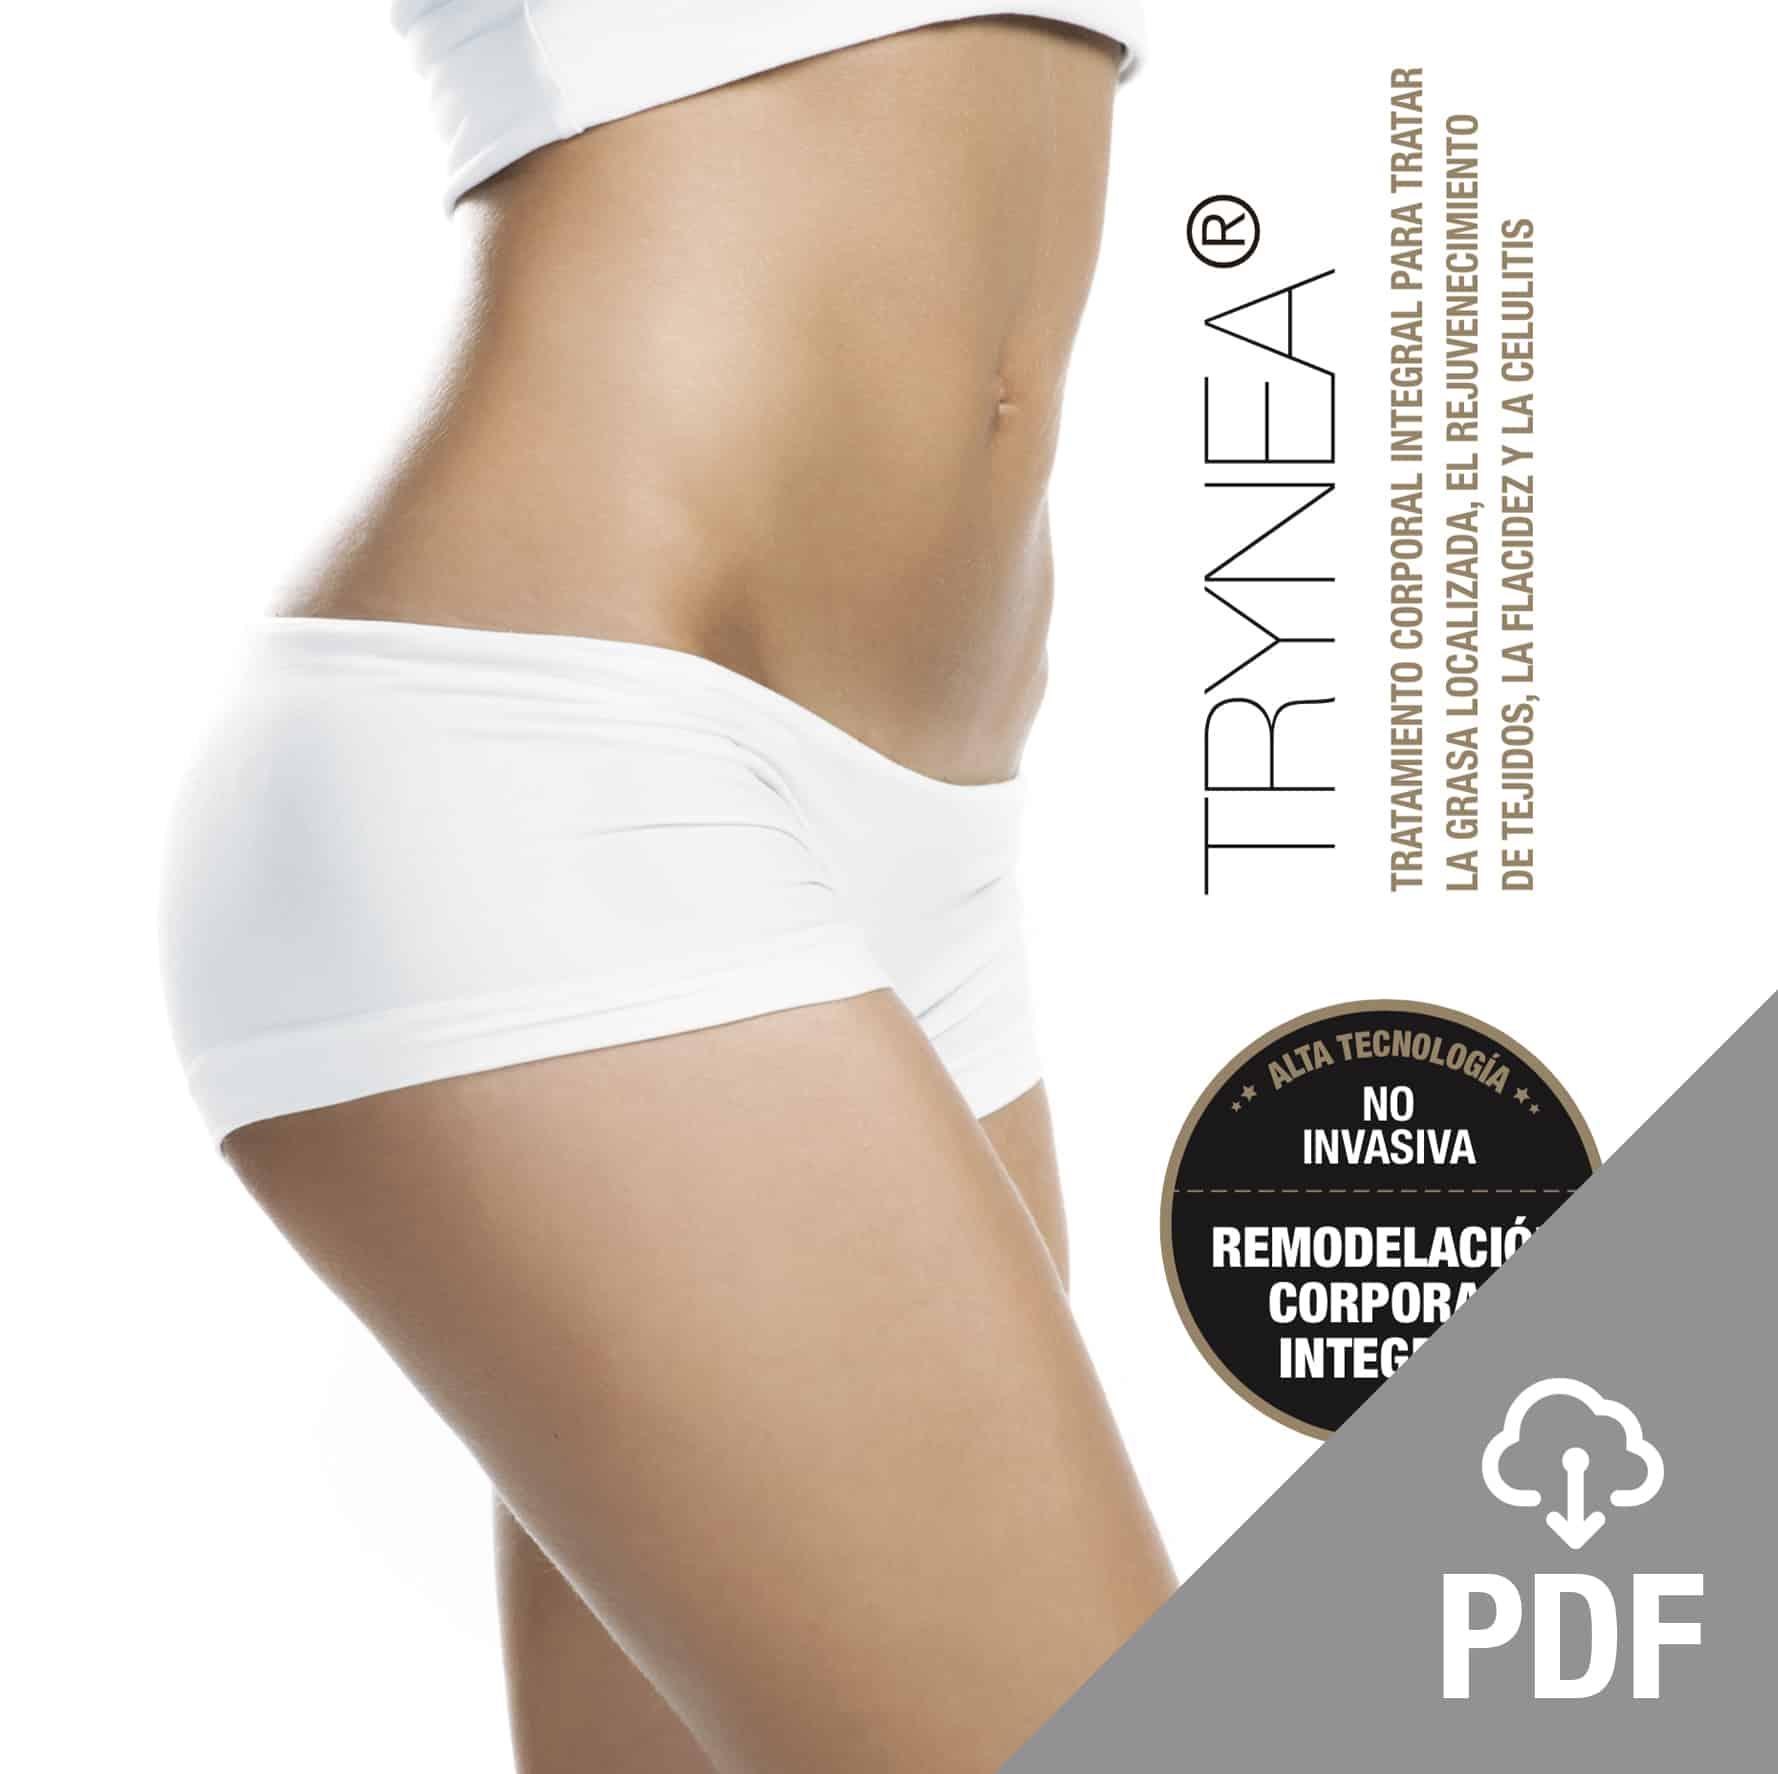 robolex trynea pdf 2: radiofrecuencia, cavitación, vacum, laser para eliminacion celulitis, grasa, flacidez. Tratamiento facial rejuvenecimiento y corporal. Belium Medical distribuidor españa